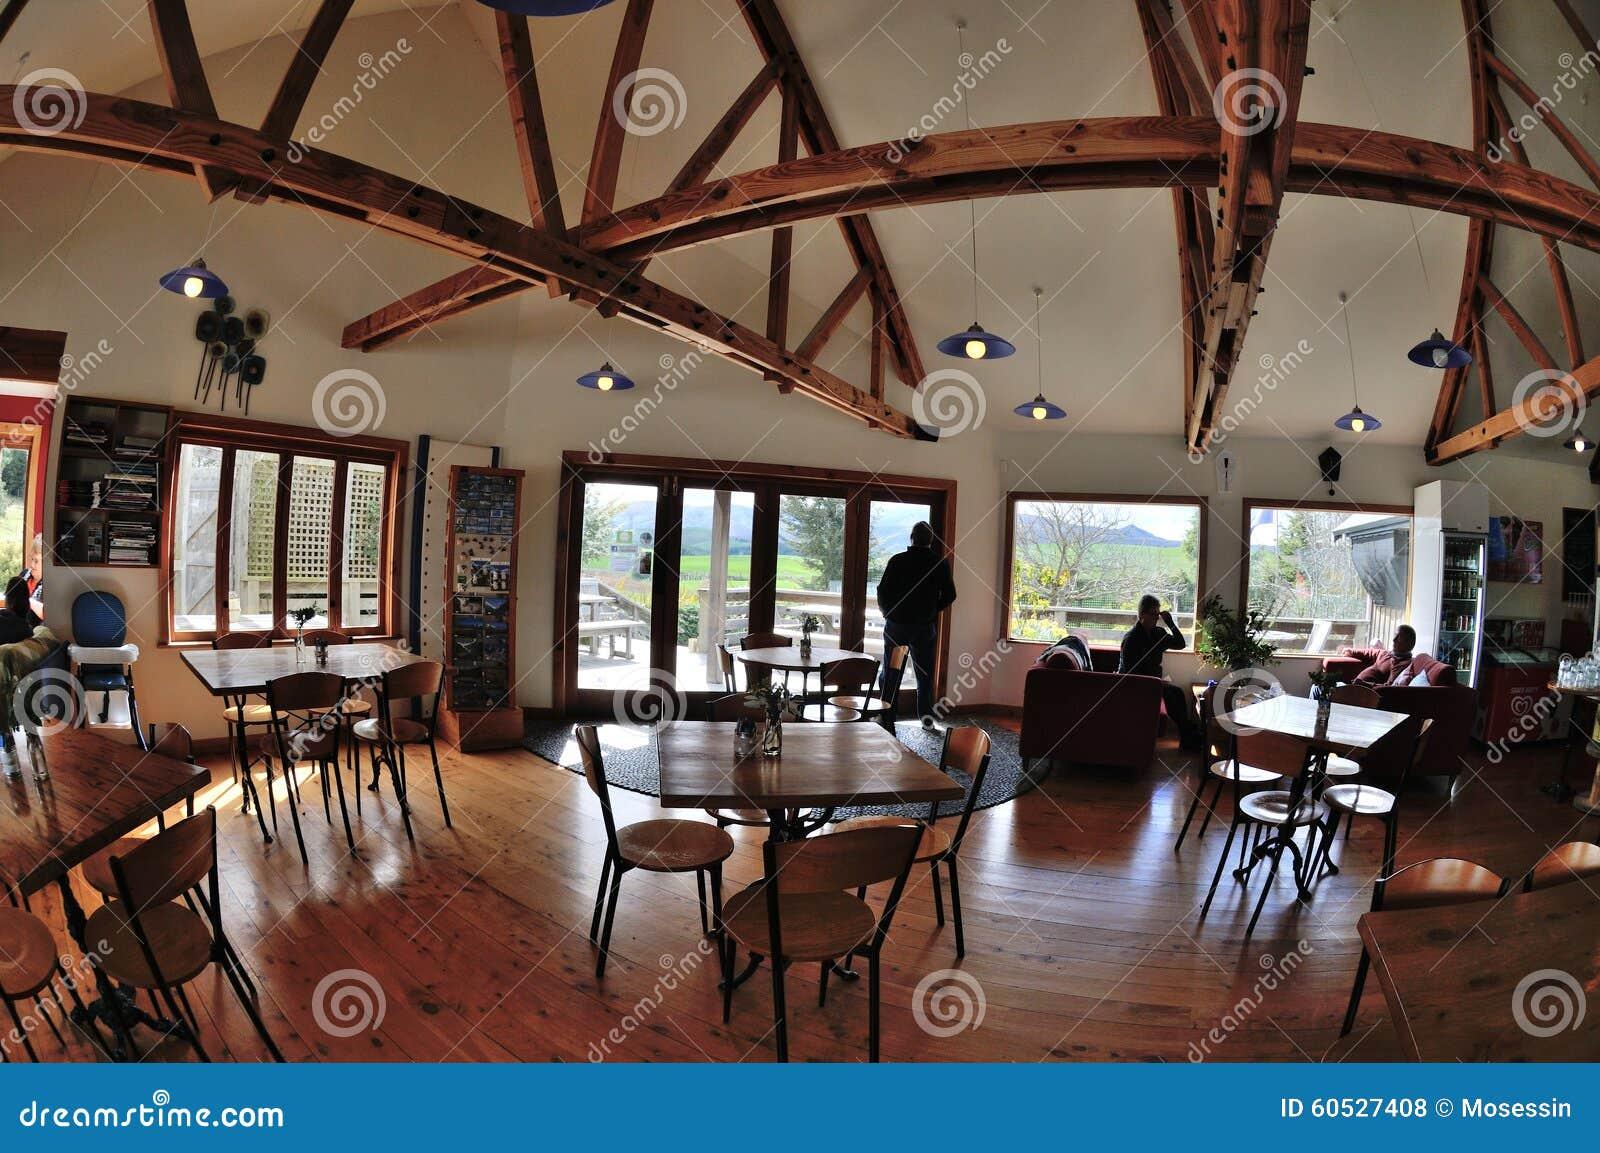 Restaurant interior design editorial stock photo image